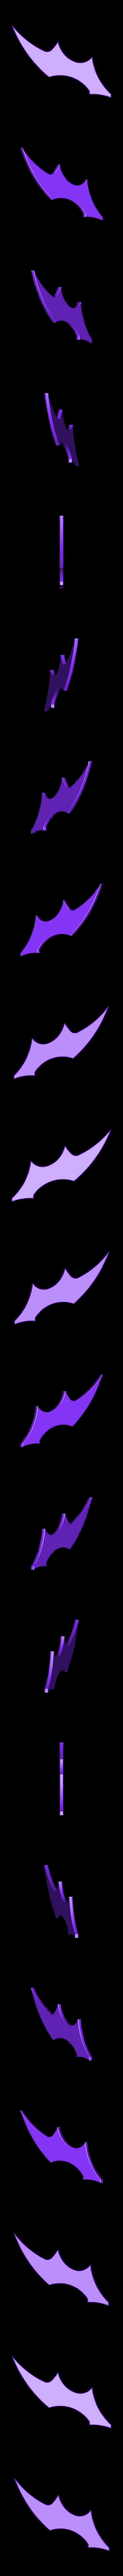 Wing.STL Télécharger fichier STL gratuit La baguette de Marco • Plan pour imprimante 3D, Vexelius